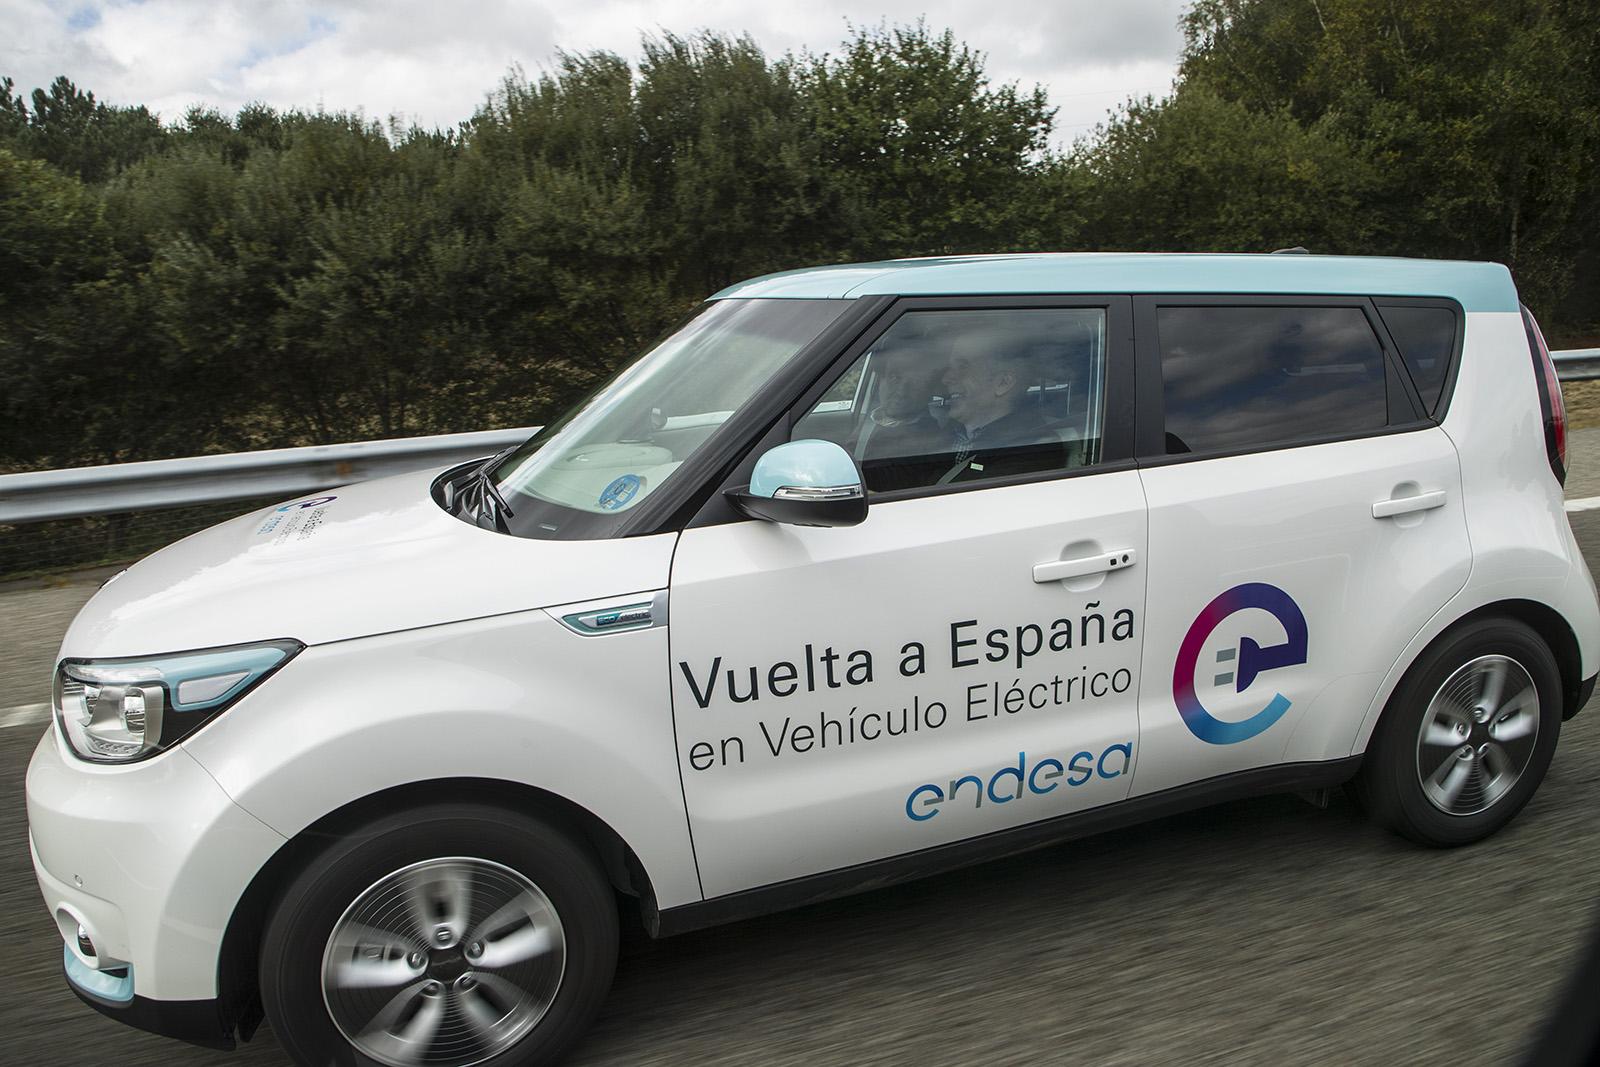 Vuelta a España en coche electrico